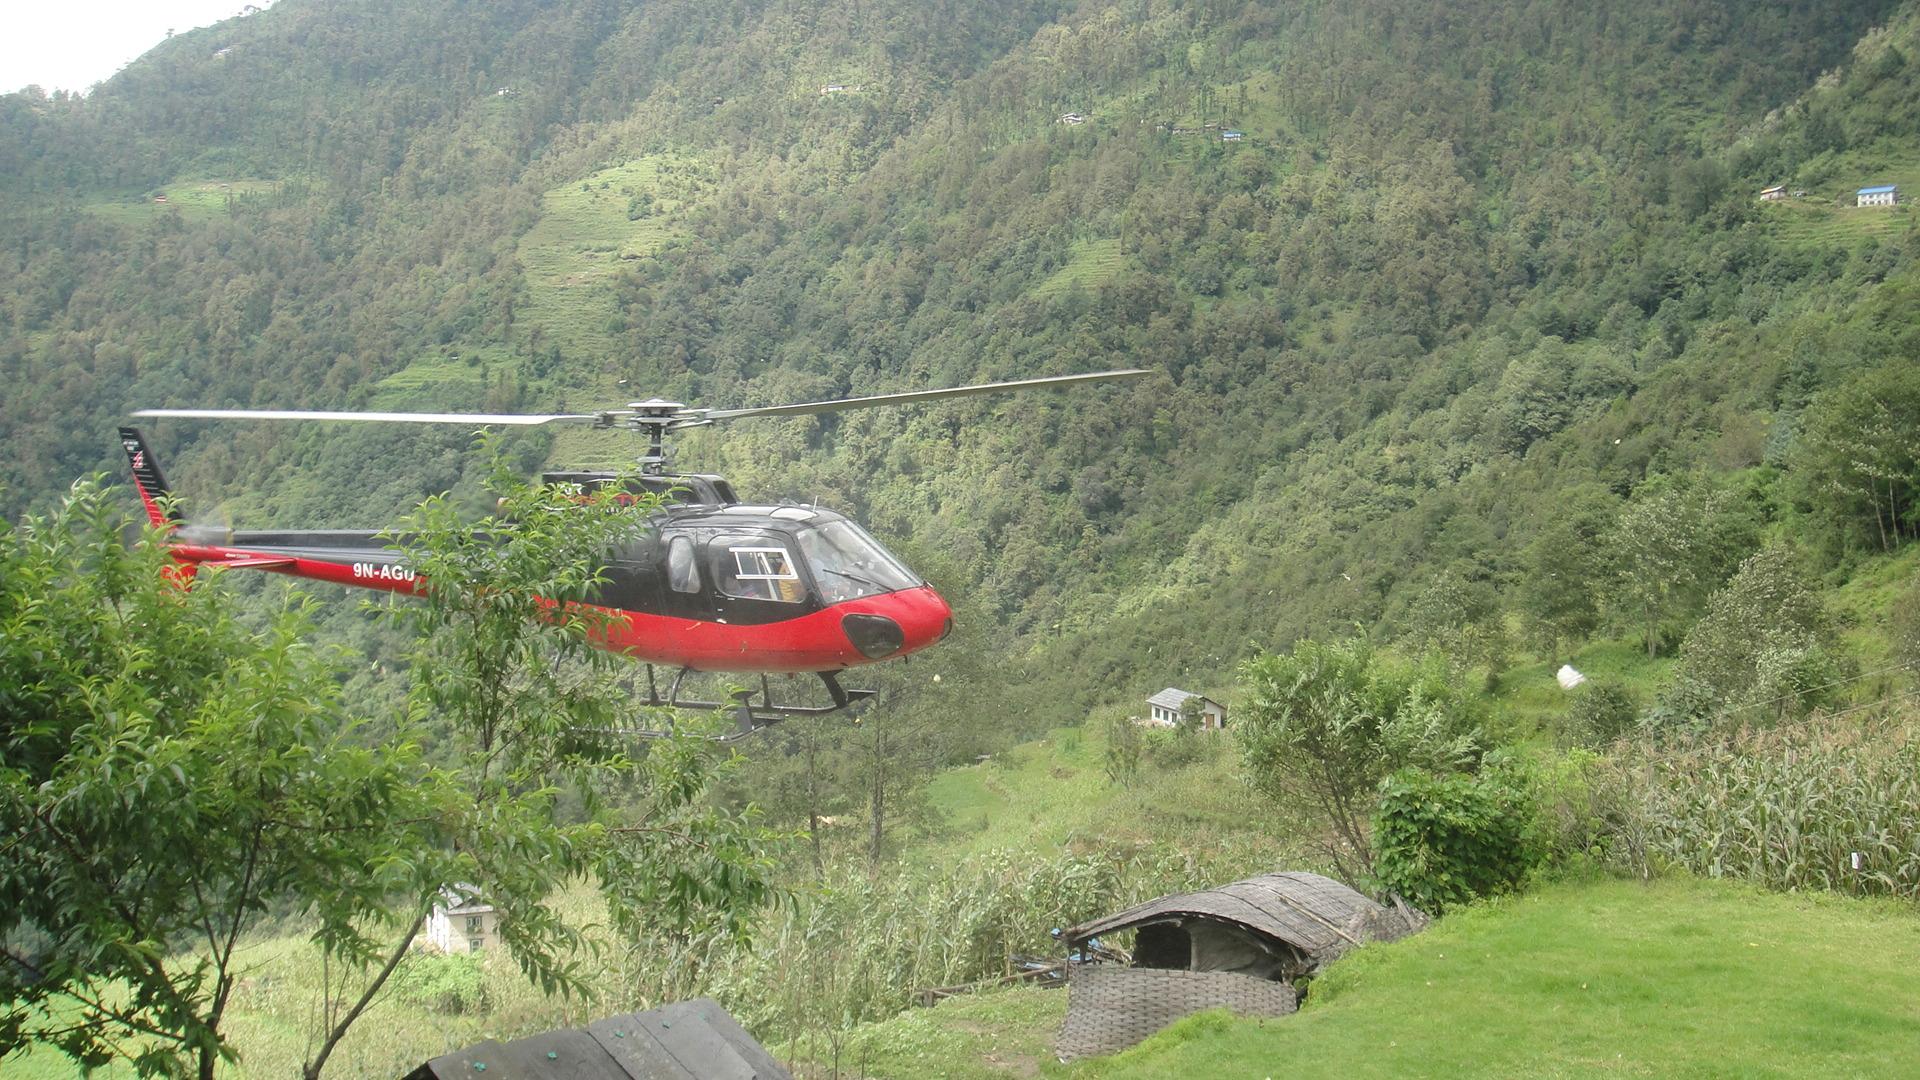 Helicopter_Medical_Volunteering_Adventure_Alternative_Nepal.JPG